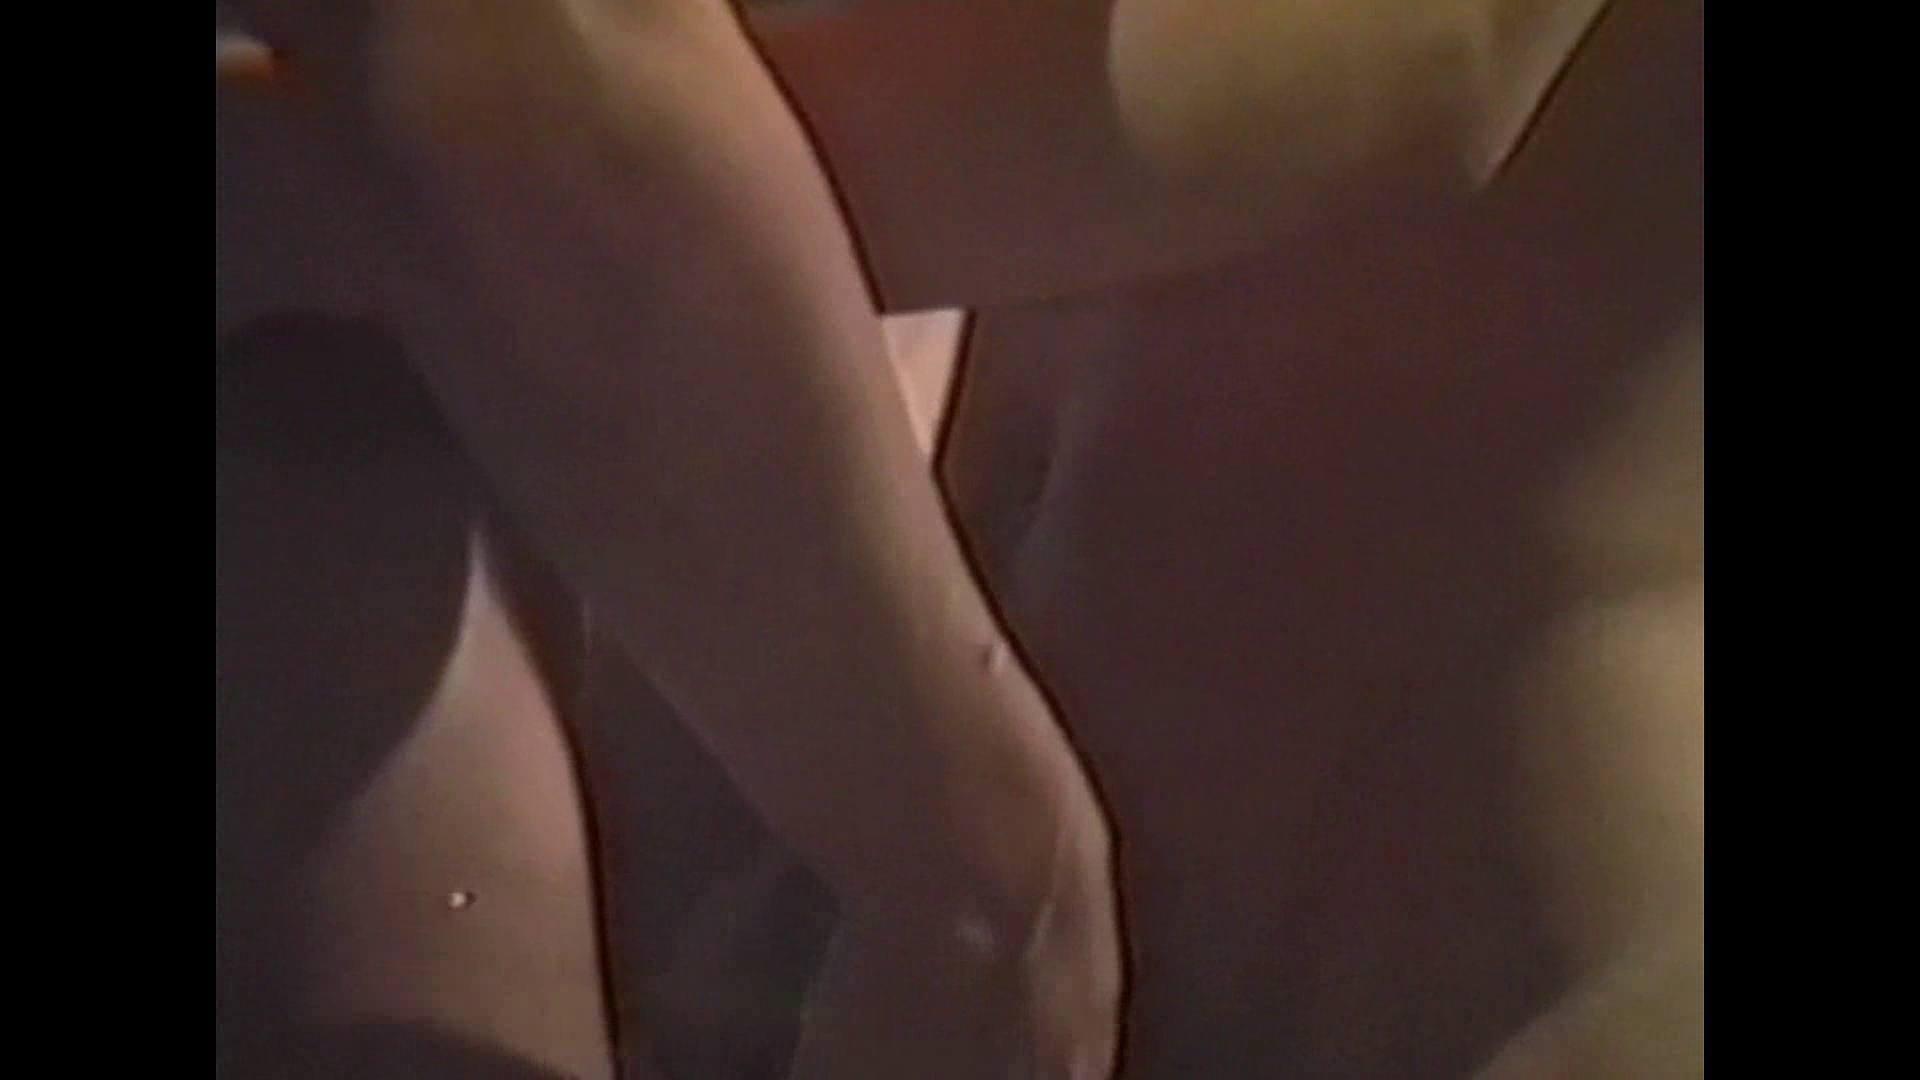 往年の名作 あの頃は若かった!第3弾 Vol.02 手コキ AV動画 83枚 69